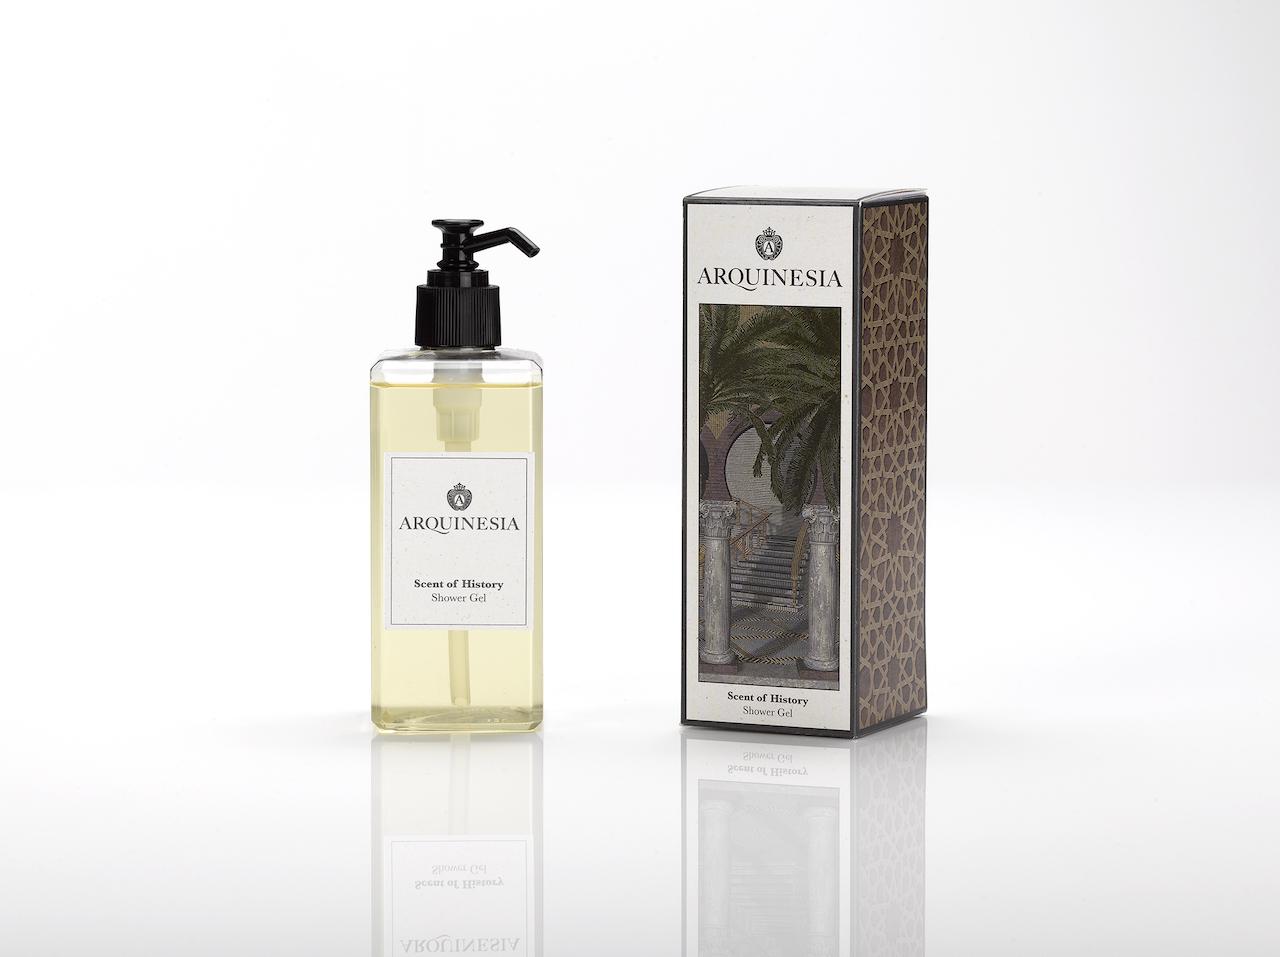 Das natürliche, vegane Duschgel (300ml) von Arquinesia eignet sich besonders für häufiges Duschen. Duft: Scent of History.